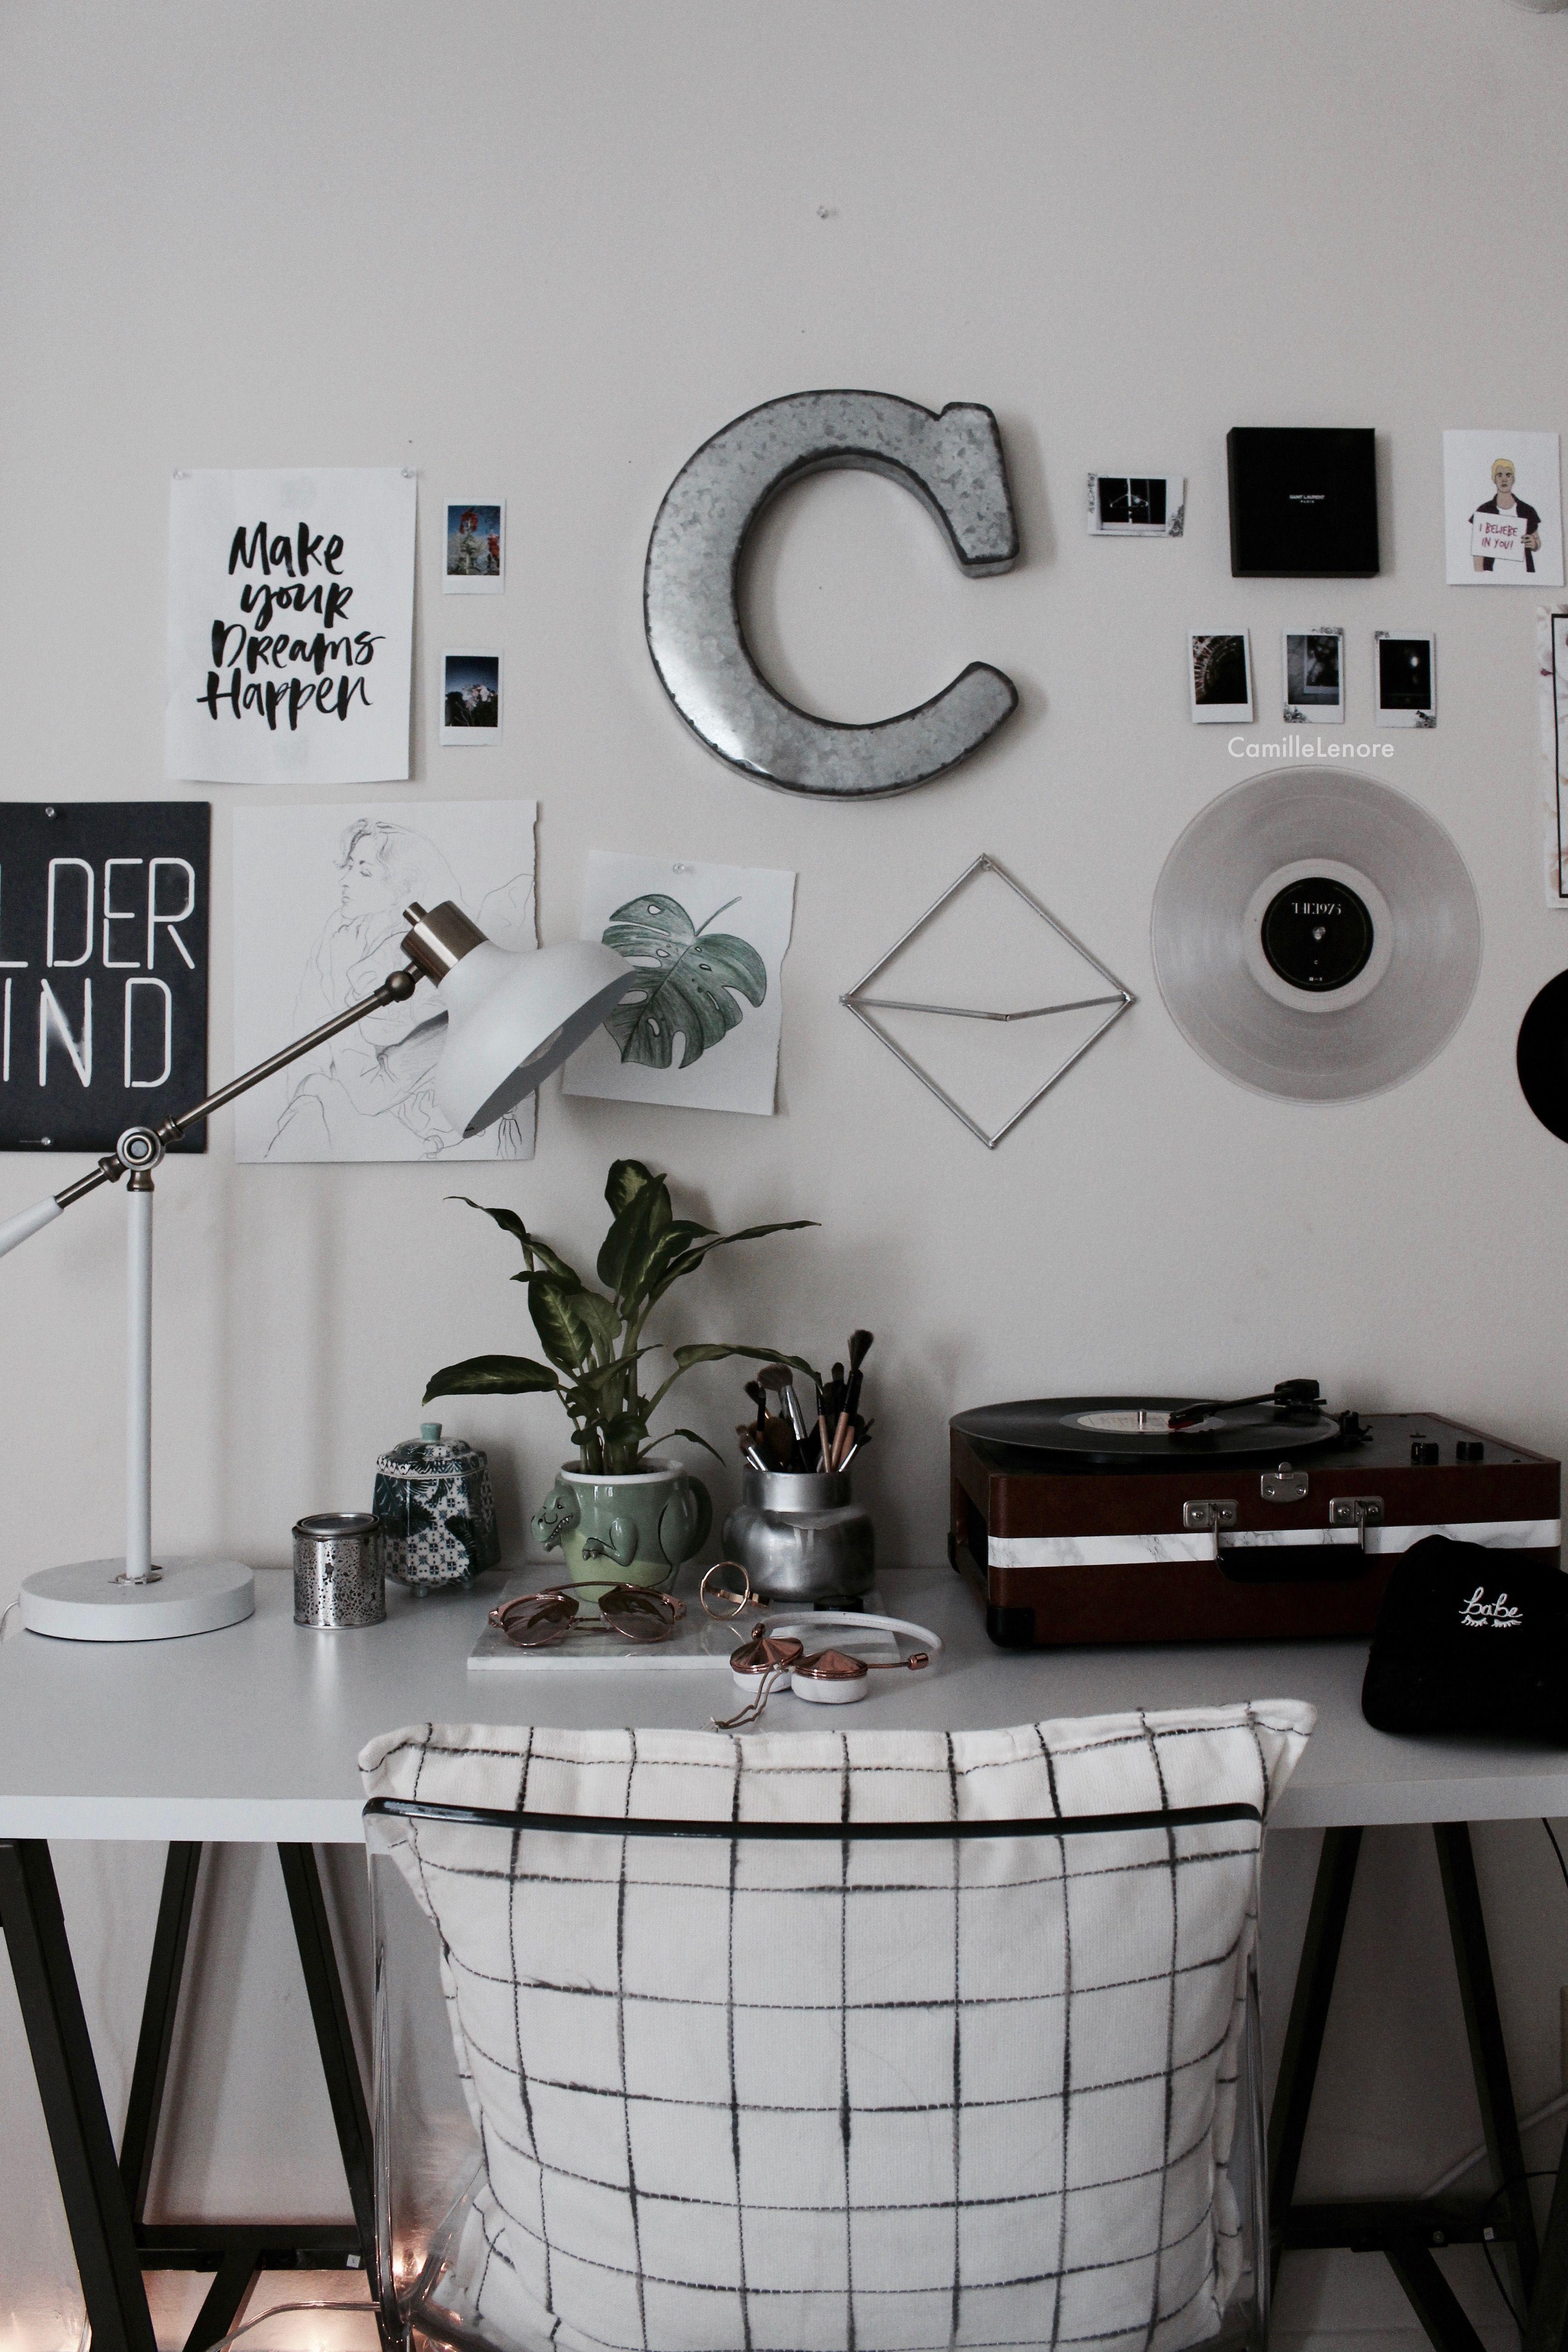 Ikea Dorm Room Ideas: Desk Ideas, Ikea Hack, Ikea, Minimal, Aesthetic, Bedroom